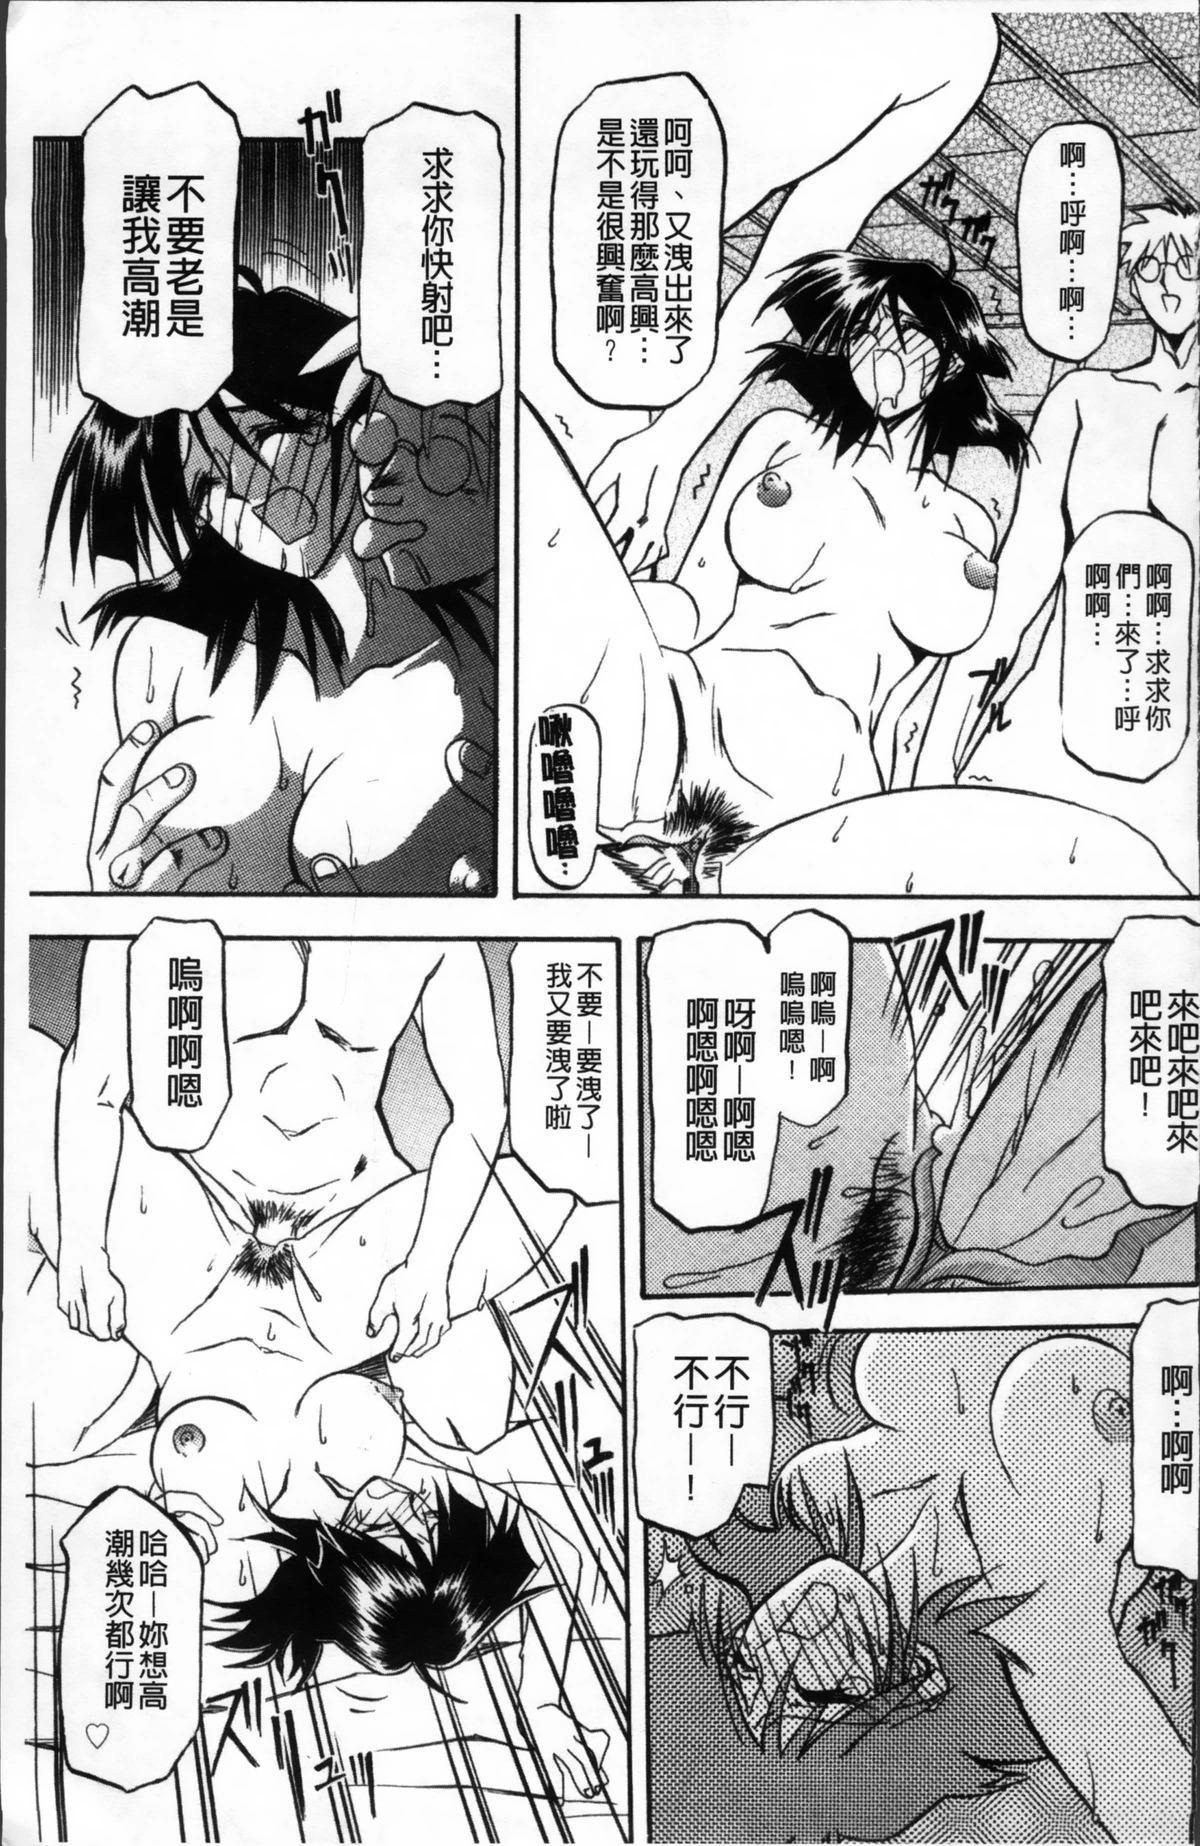 Hiiro no Koku Kanzenban   緋色之刻 完全版 160